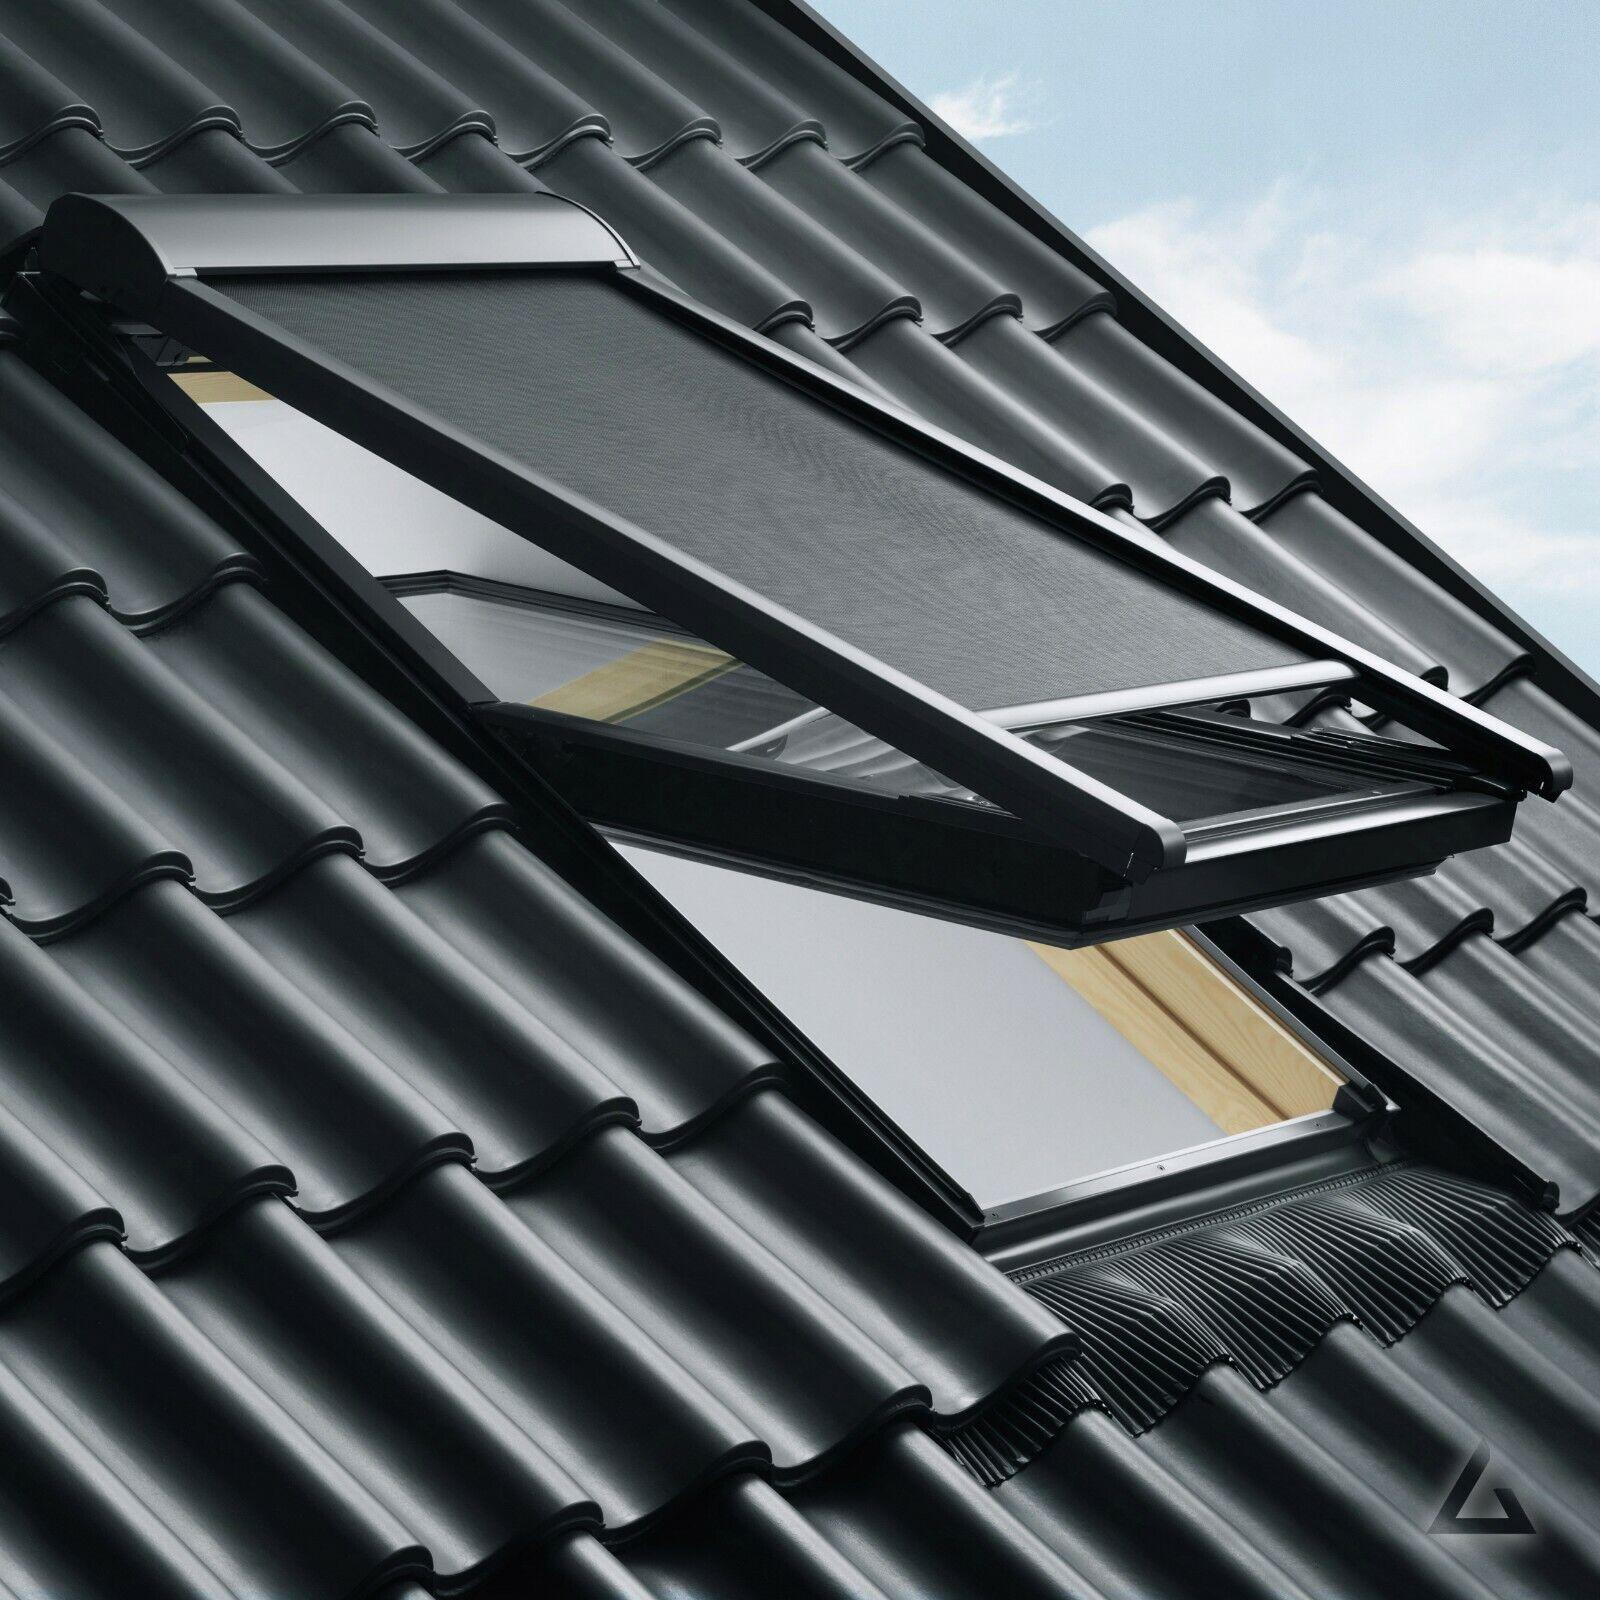 VELUX Hitzeschutzmarkise elektrisch MML   Exquisite Verarbeitung    Elegantes Aussehen    New Products    Outlet Store Online